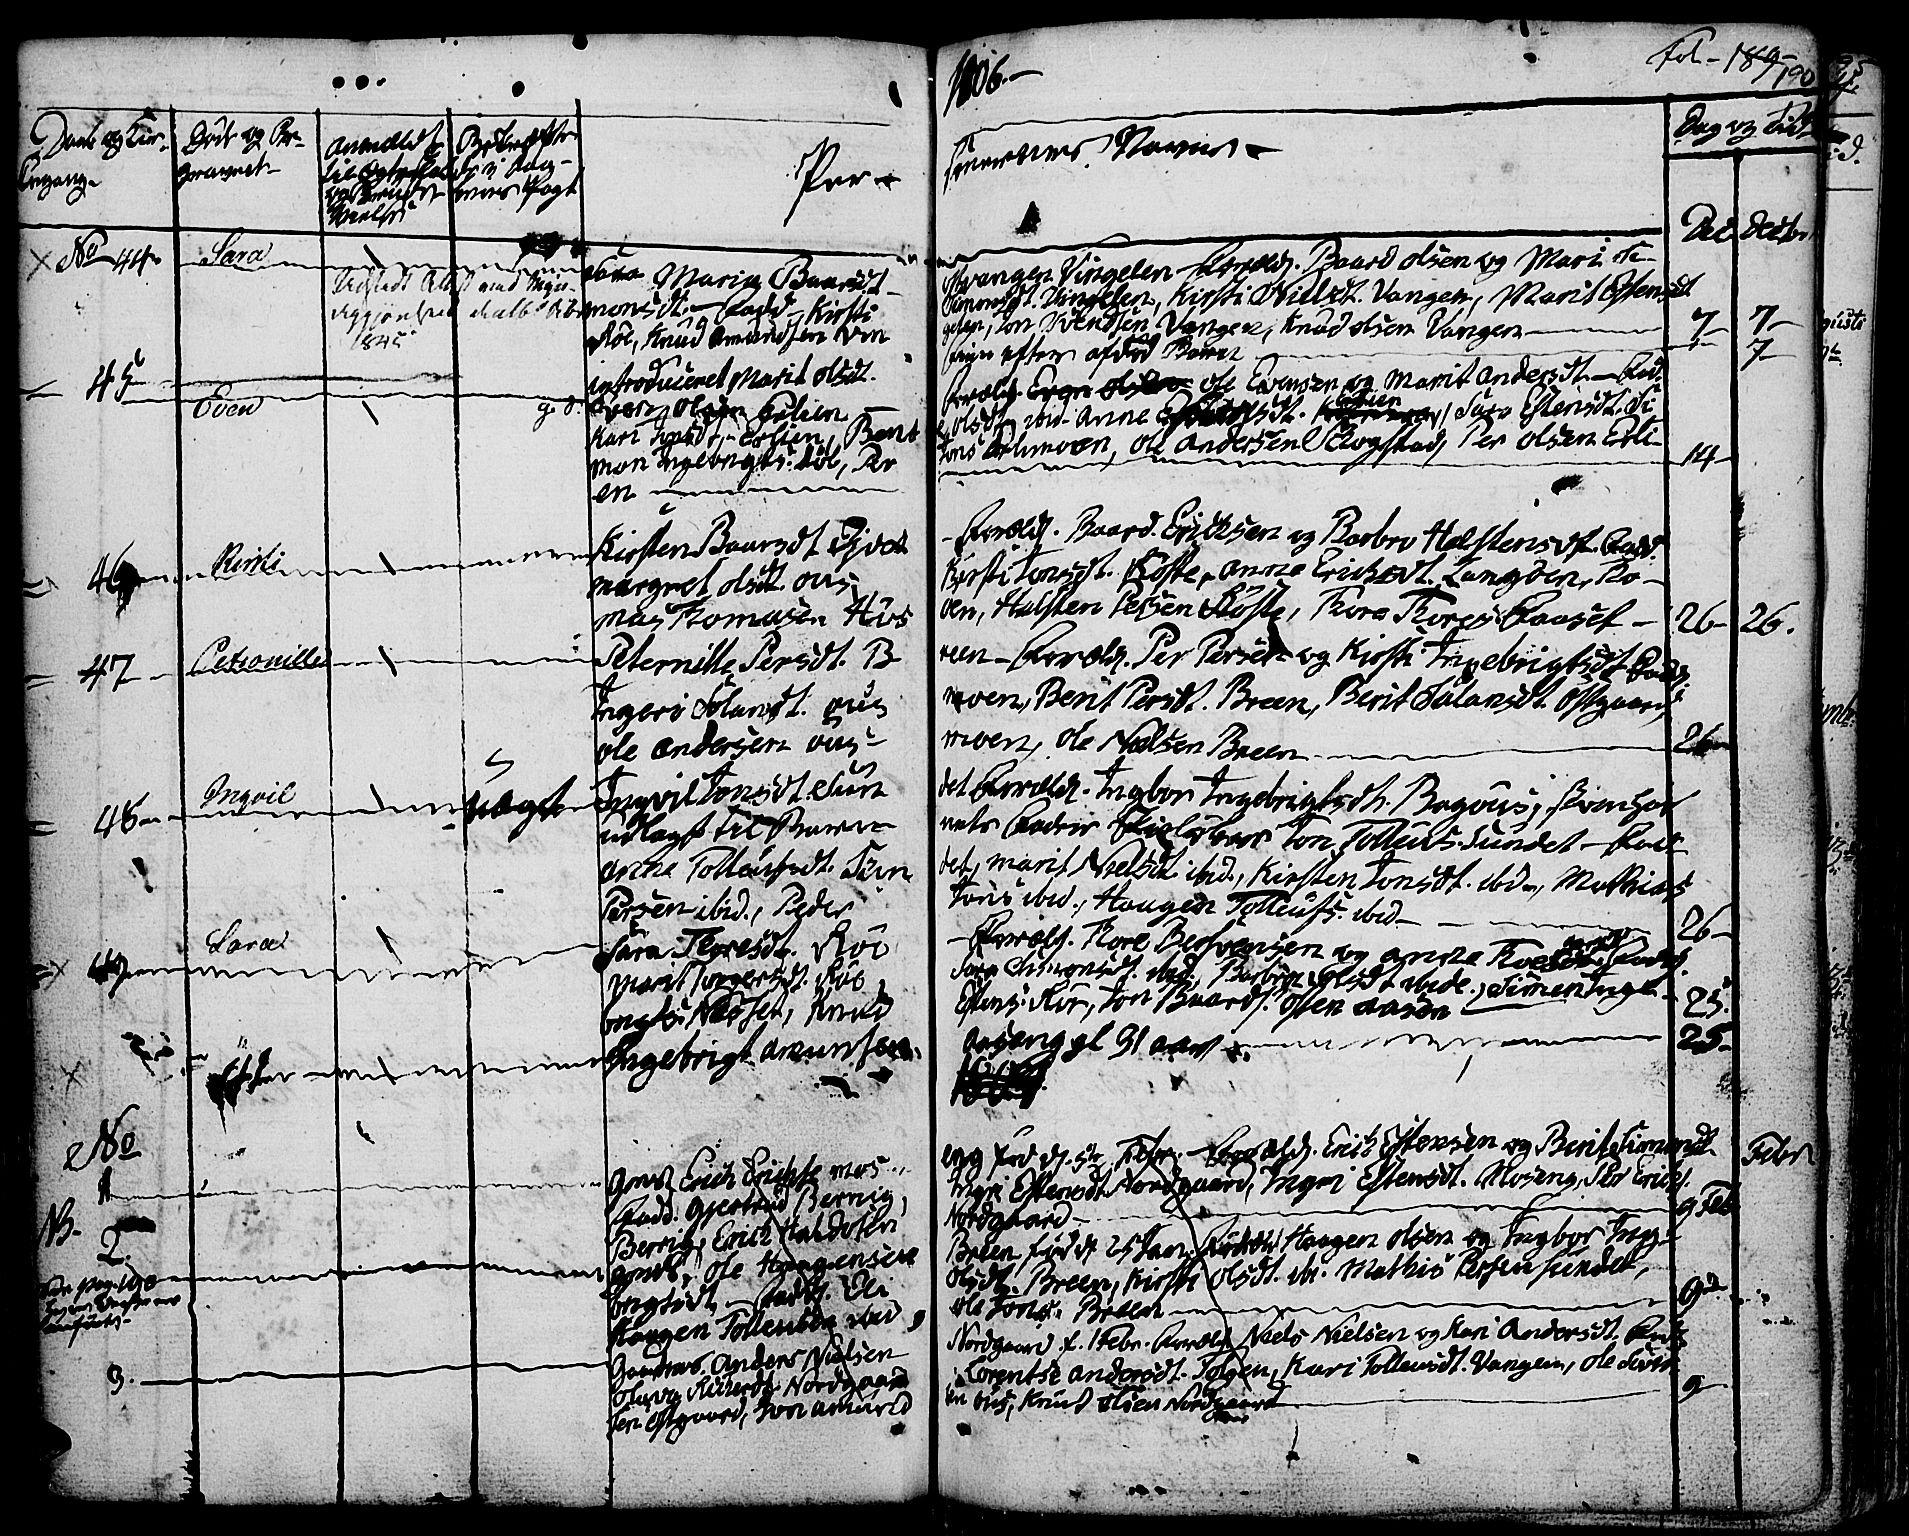 SAH, Tolga prestekontor, K/L0003: Ministerialbok nr. 3, 1786-1814, s. 190